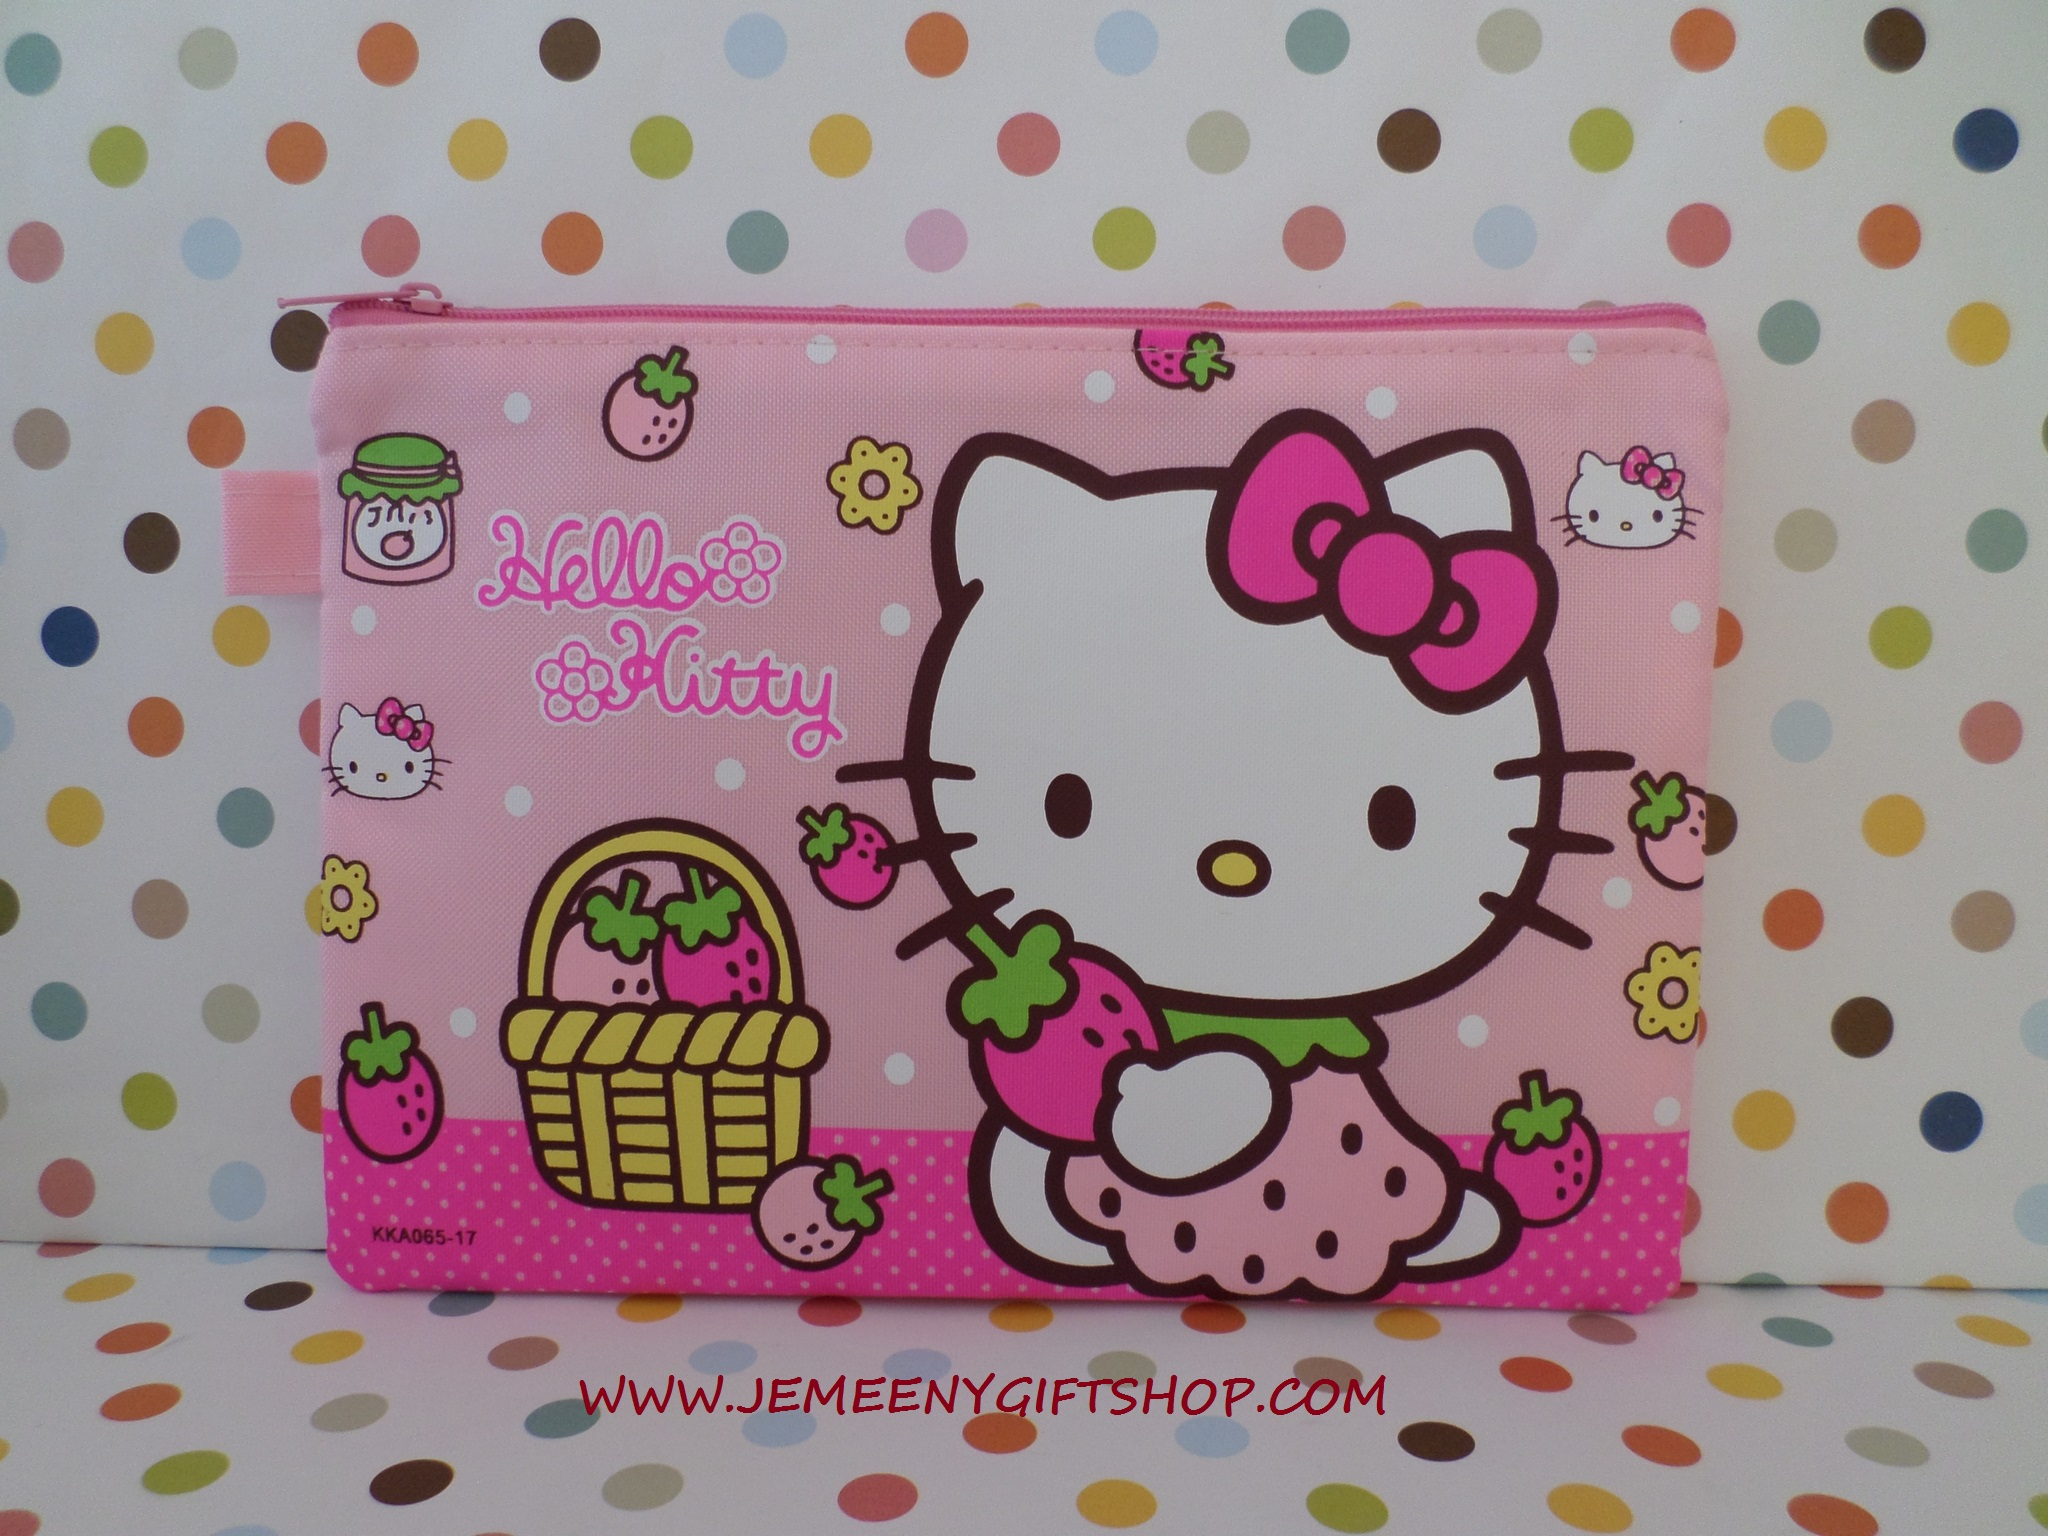 """กระเป๋าใส่ดินสอปากกา คิตตี้ kitty#8 ขนาด 8.5"""" x 6"""" นิ้ว"""